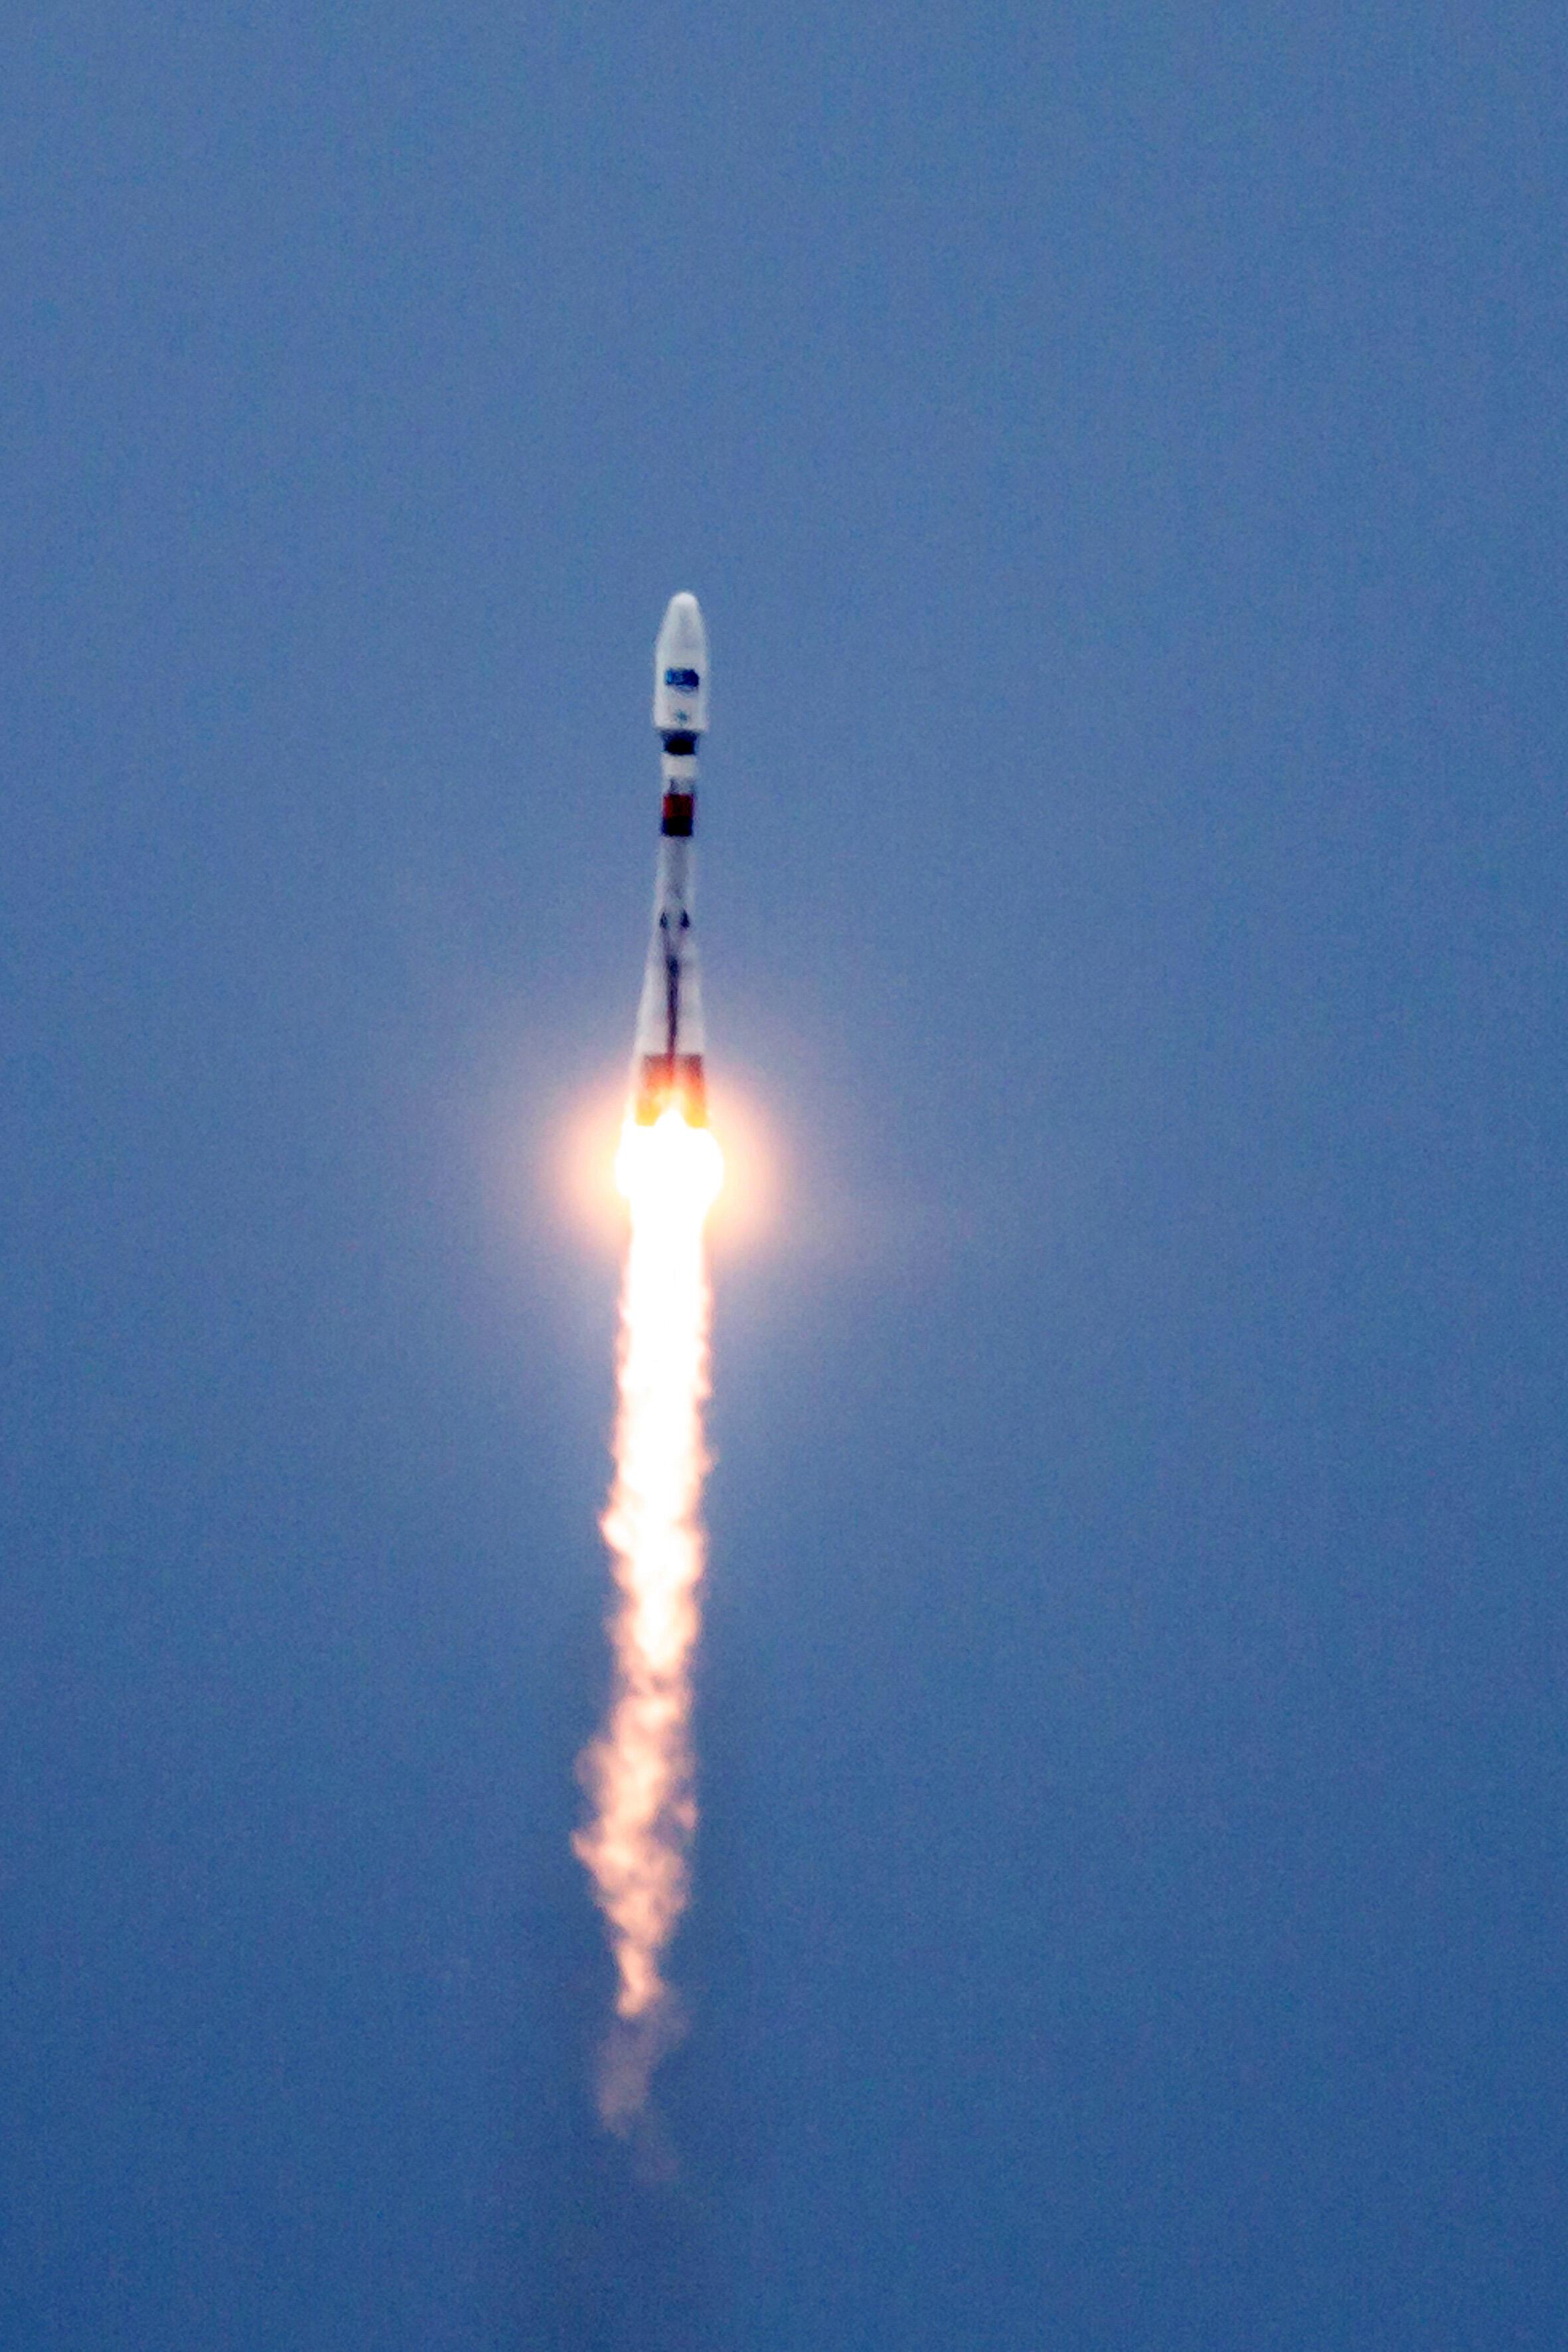 Une fusée Soyouz transportant des satellites pour le projet OB3 lancée de Kourou, Centre spatiale de Guyane, en juin 2013